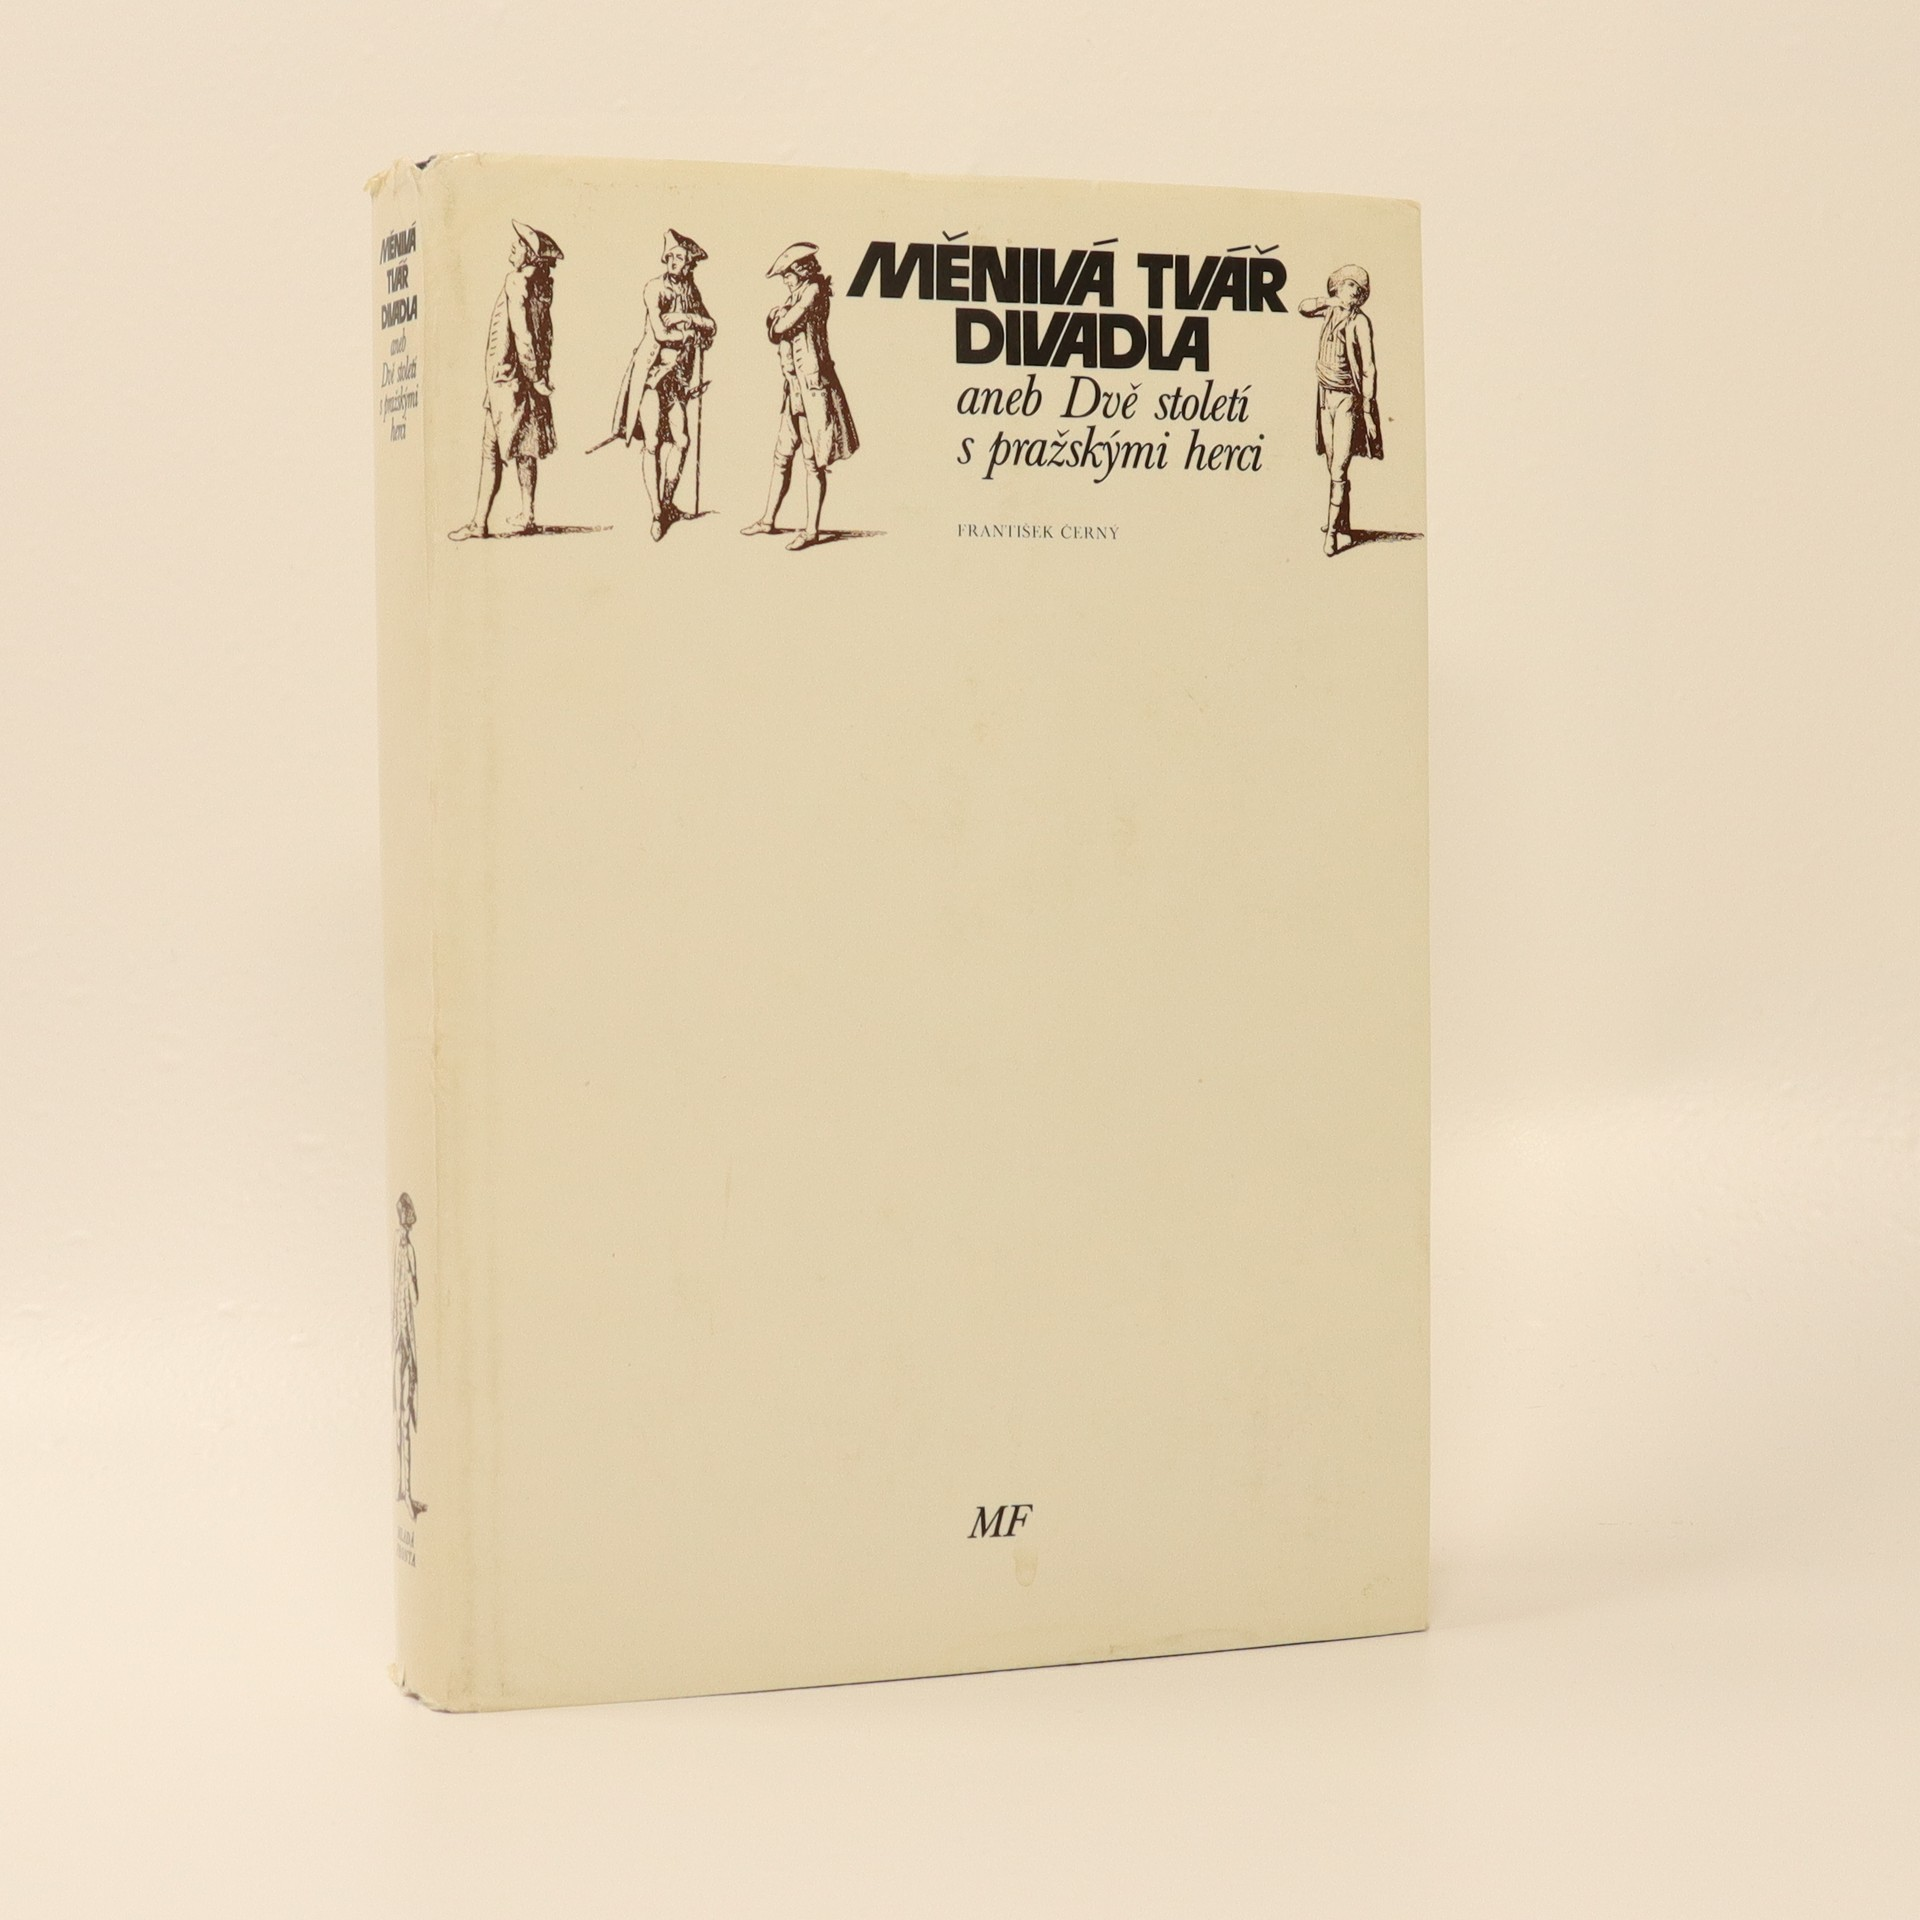 antikvární kniha Měnivá tvář divadla, aneb, Dvě století s pražskými herci, 1978